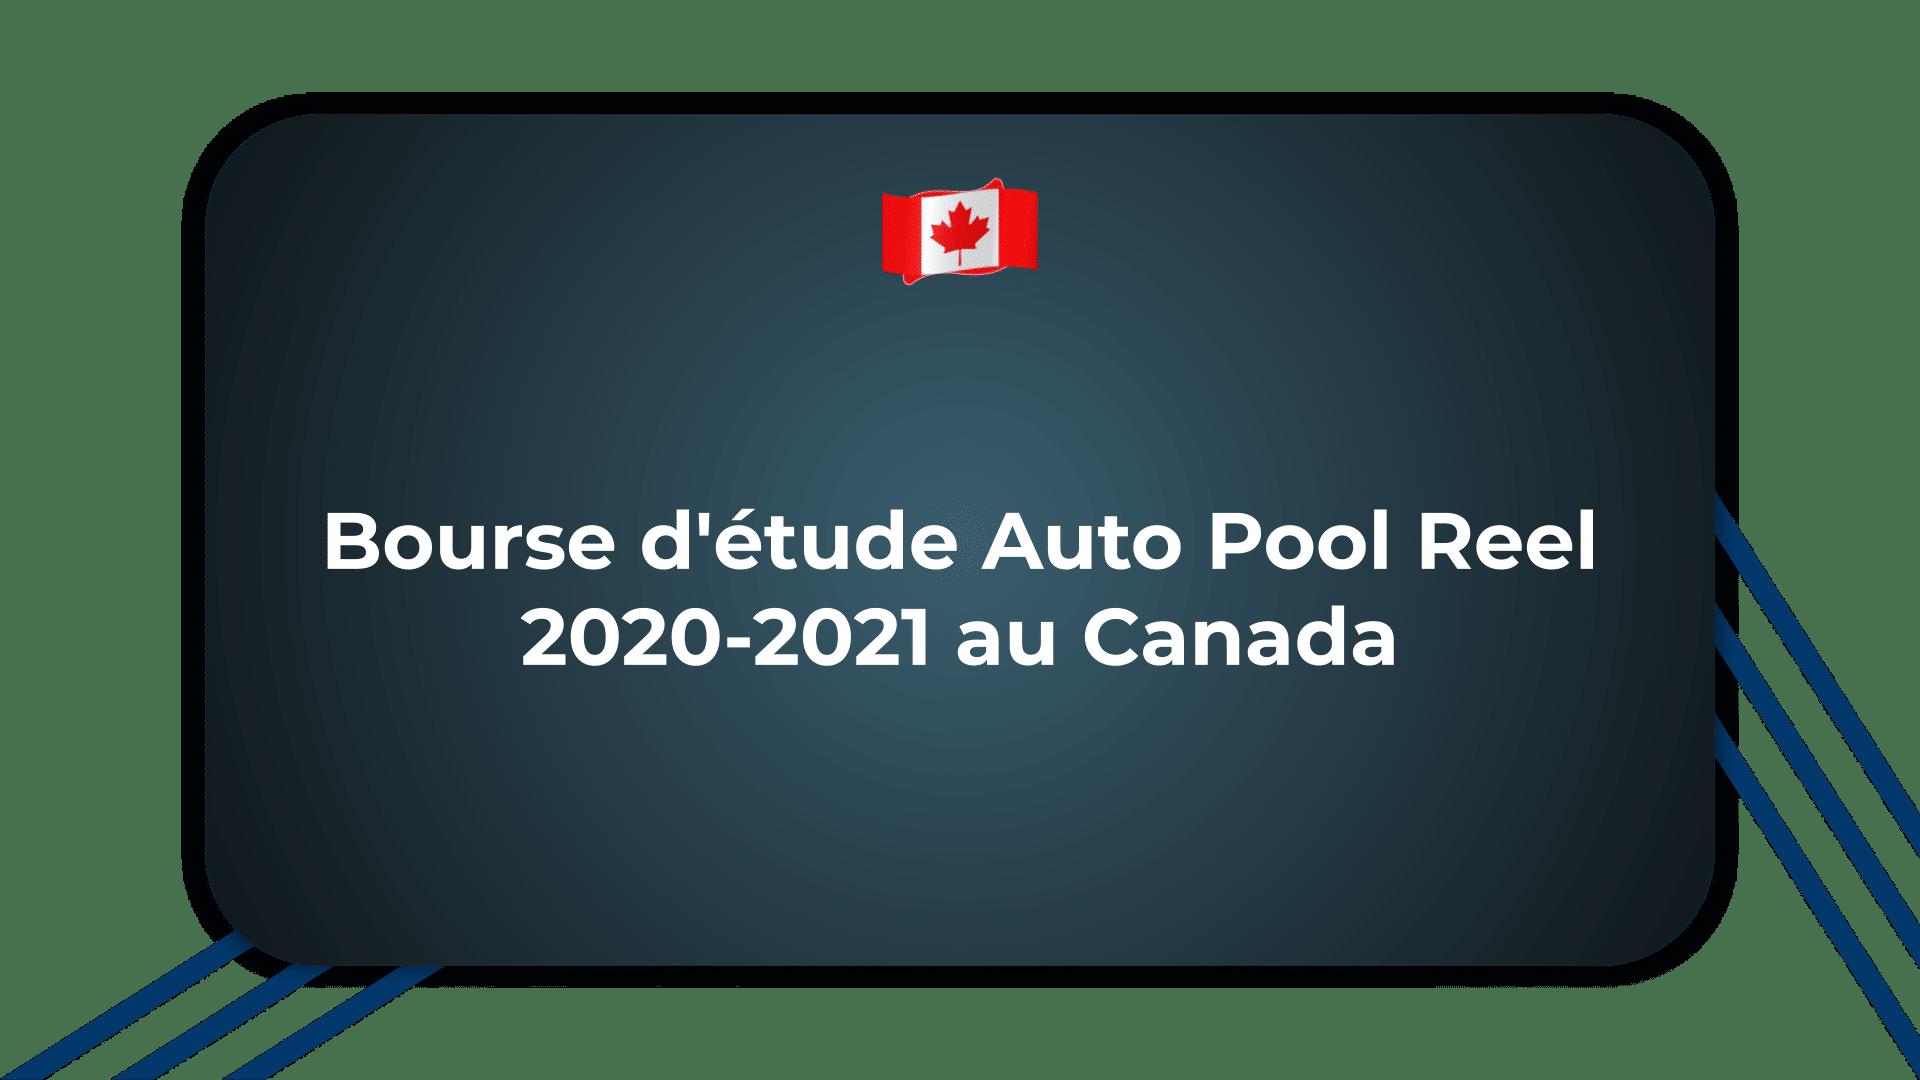 Bourse d'étude Auto Pool Reel